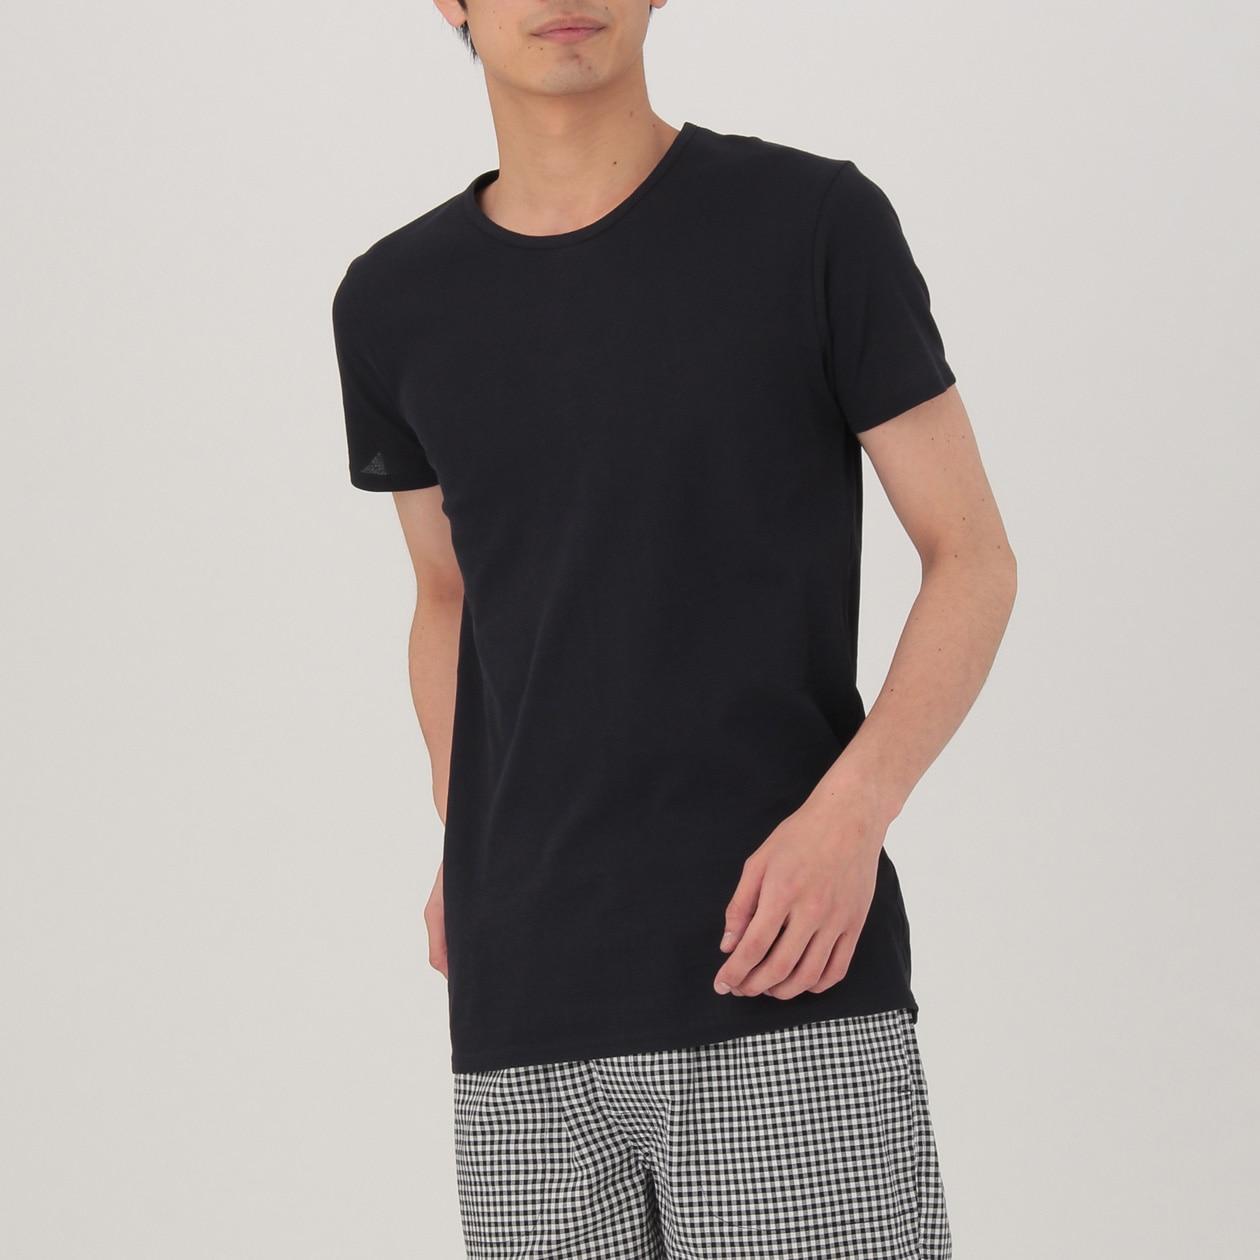 さらっとした 涼感メッシュ編みクルーネック半袖Tシャツ